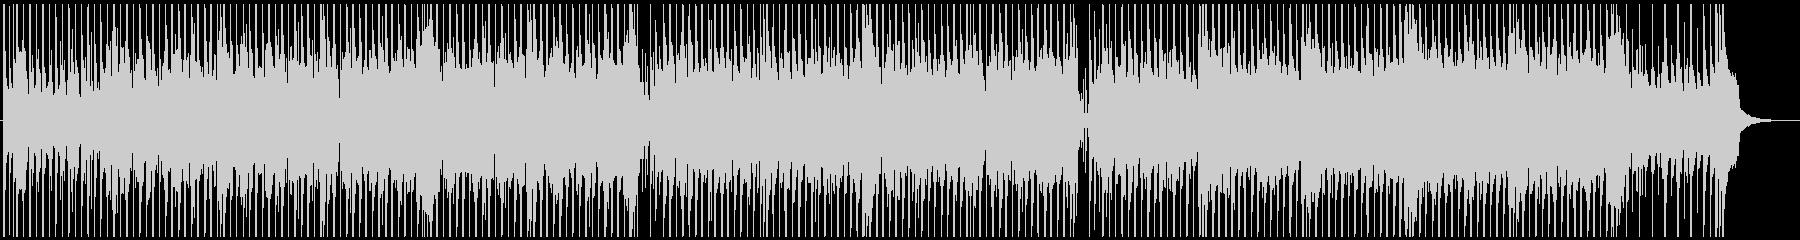 明るく幸せなファンキーなディスコの未再生の波形